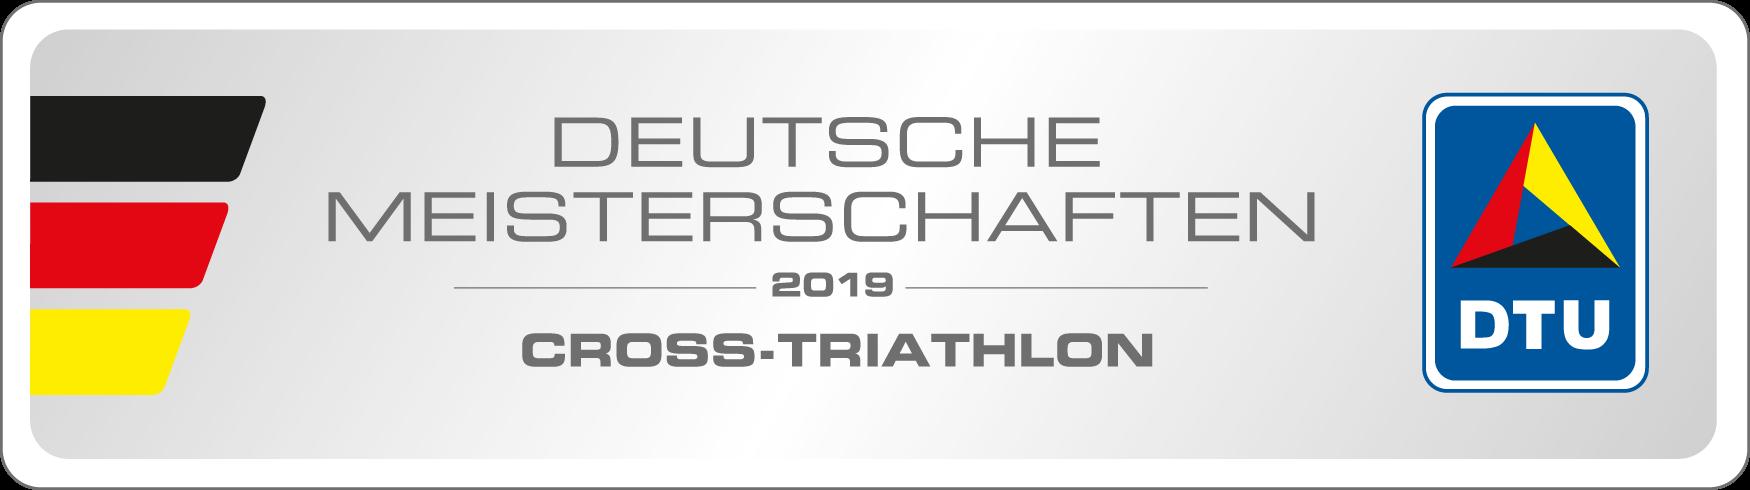 DTU Deutsche Meisterschaft